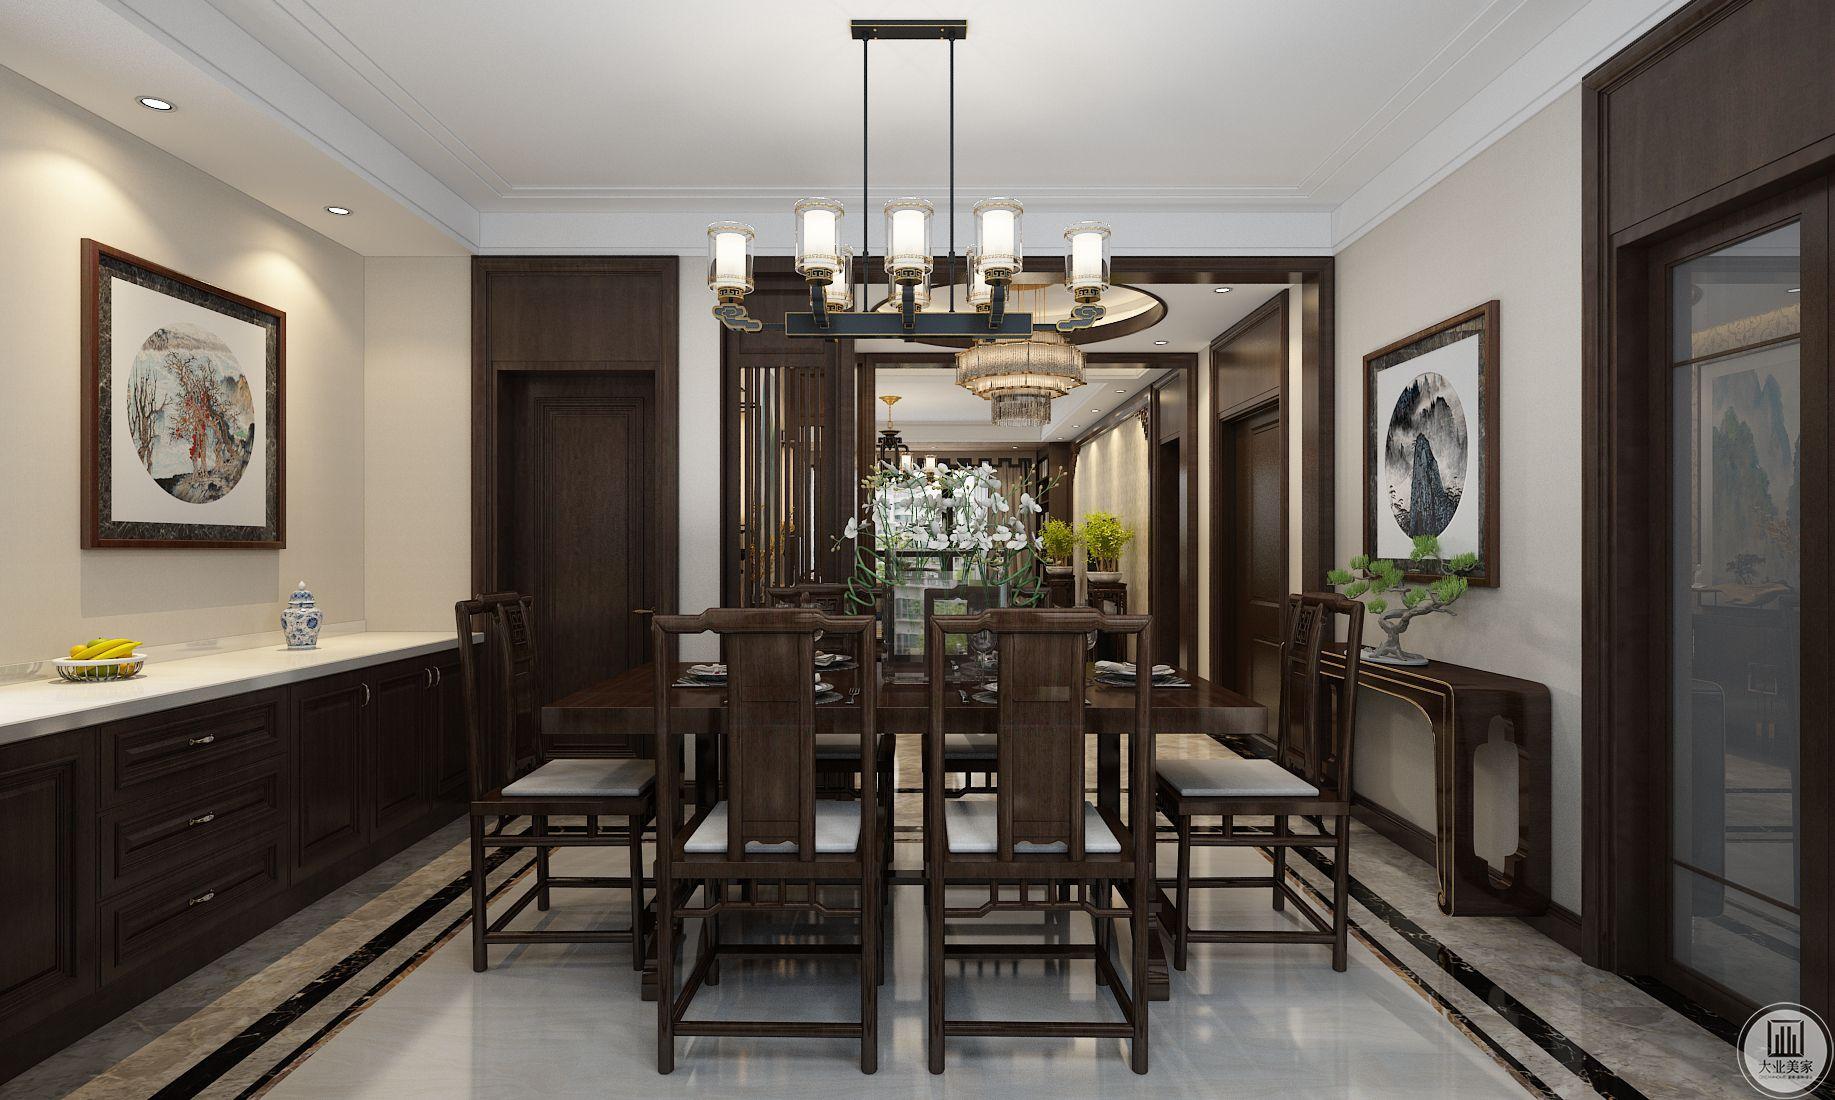 餐厅装修效果图:餐桌餐椅都使用传统木质中式风格,一侧时尚的黑白橱柜。